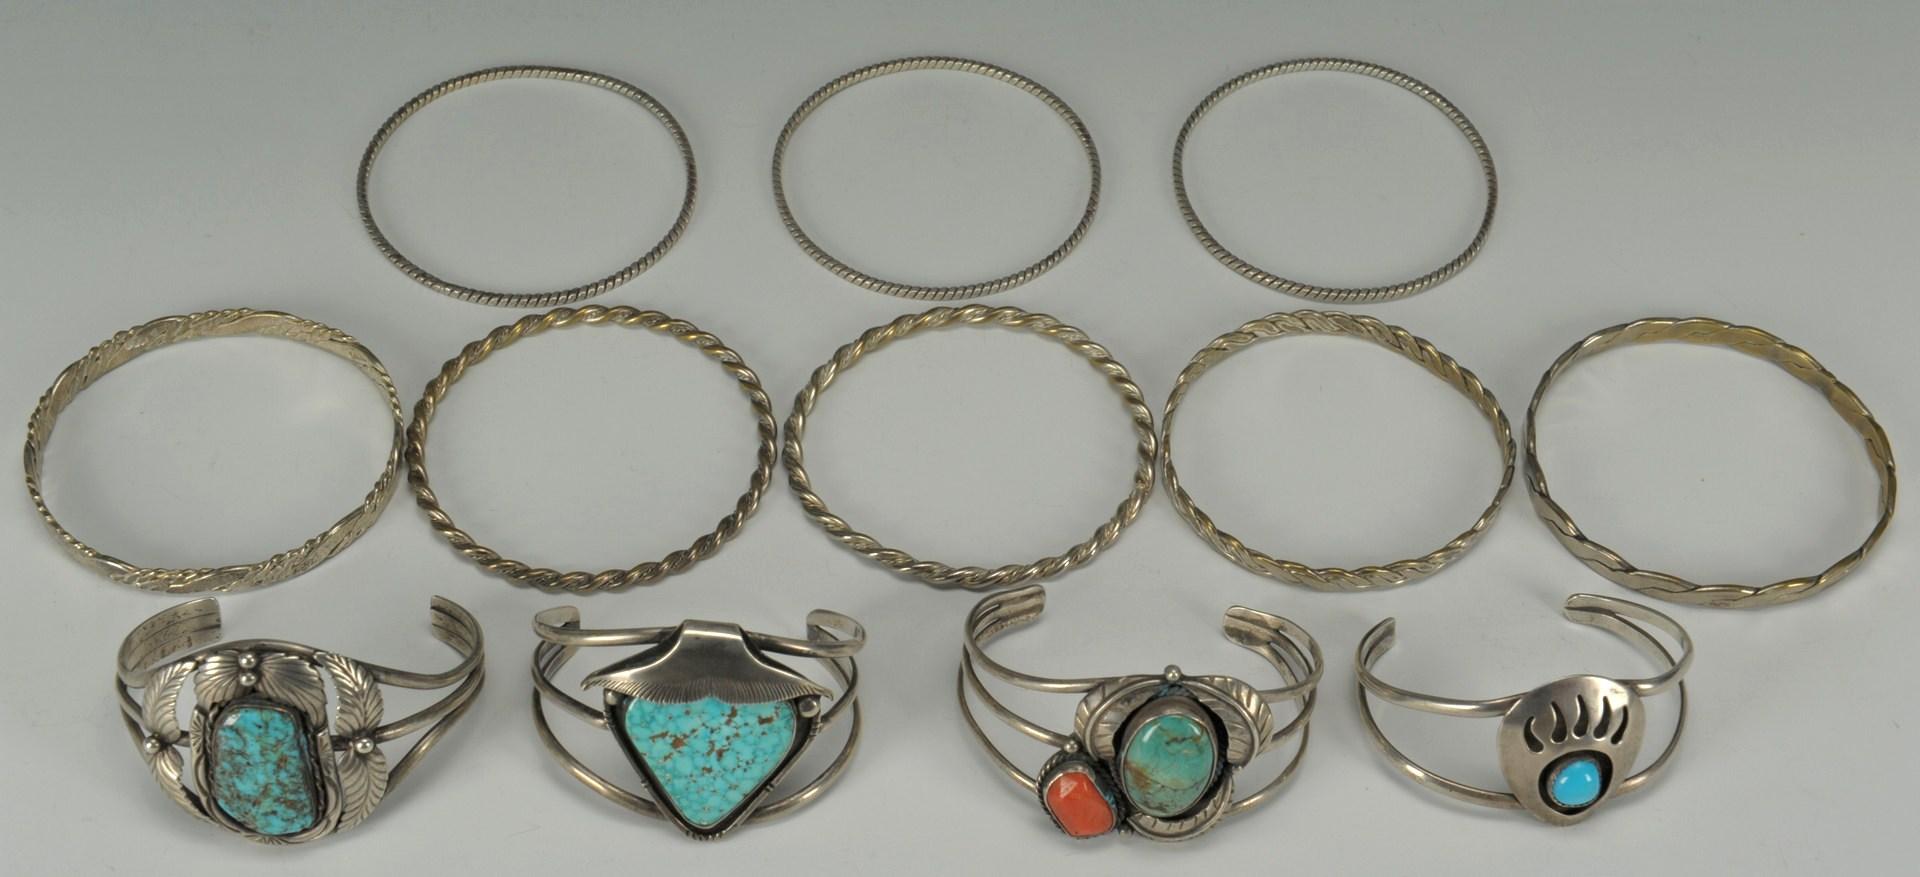 Lot 389: 12 Native American Silver Bracelets